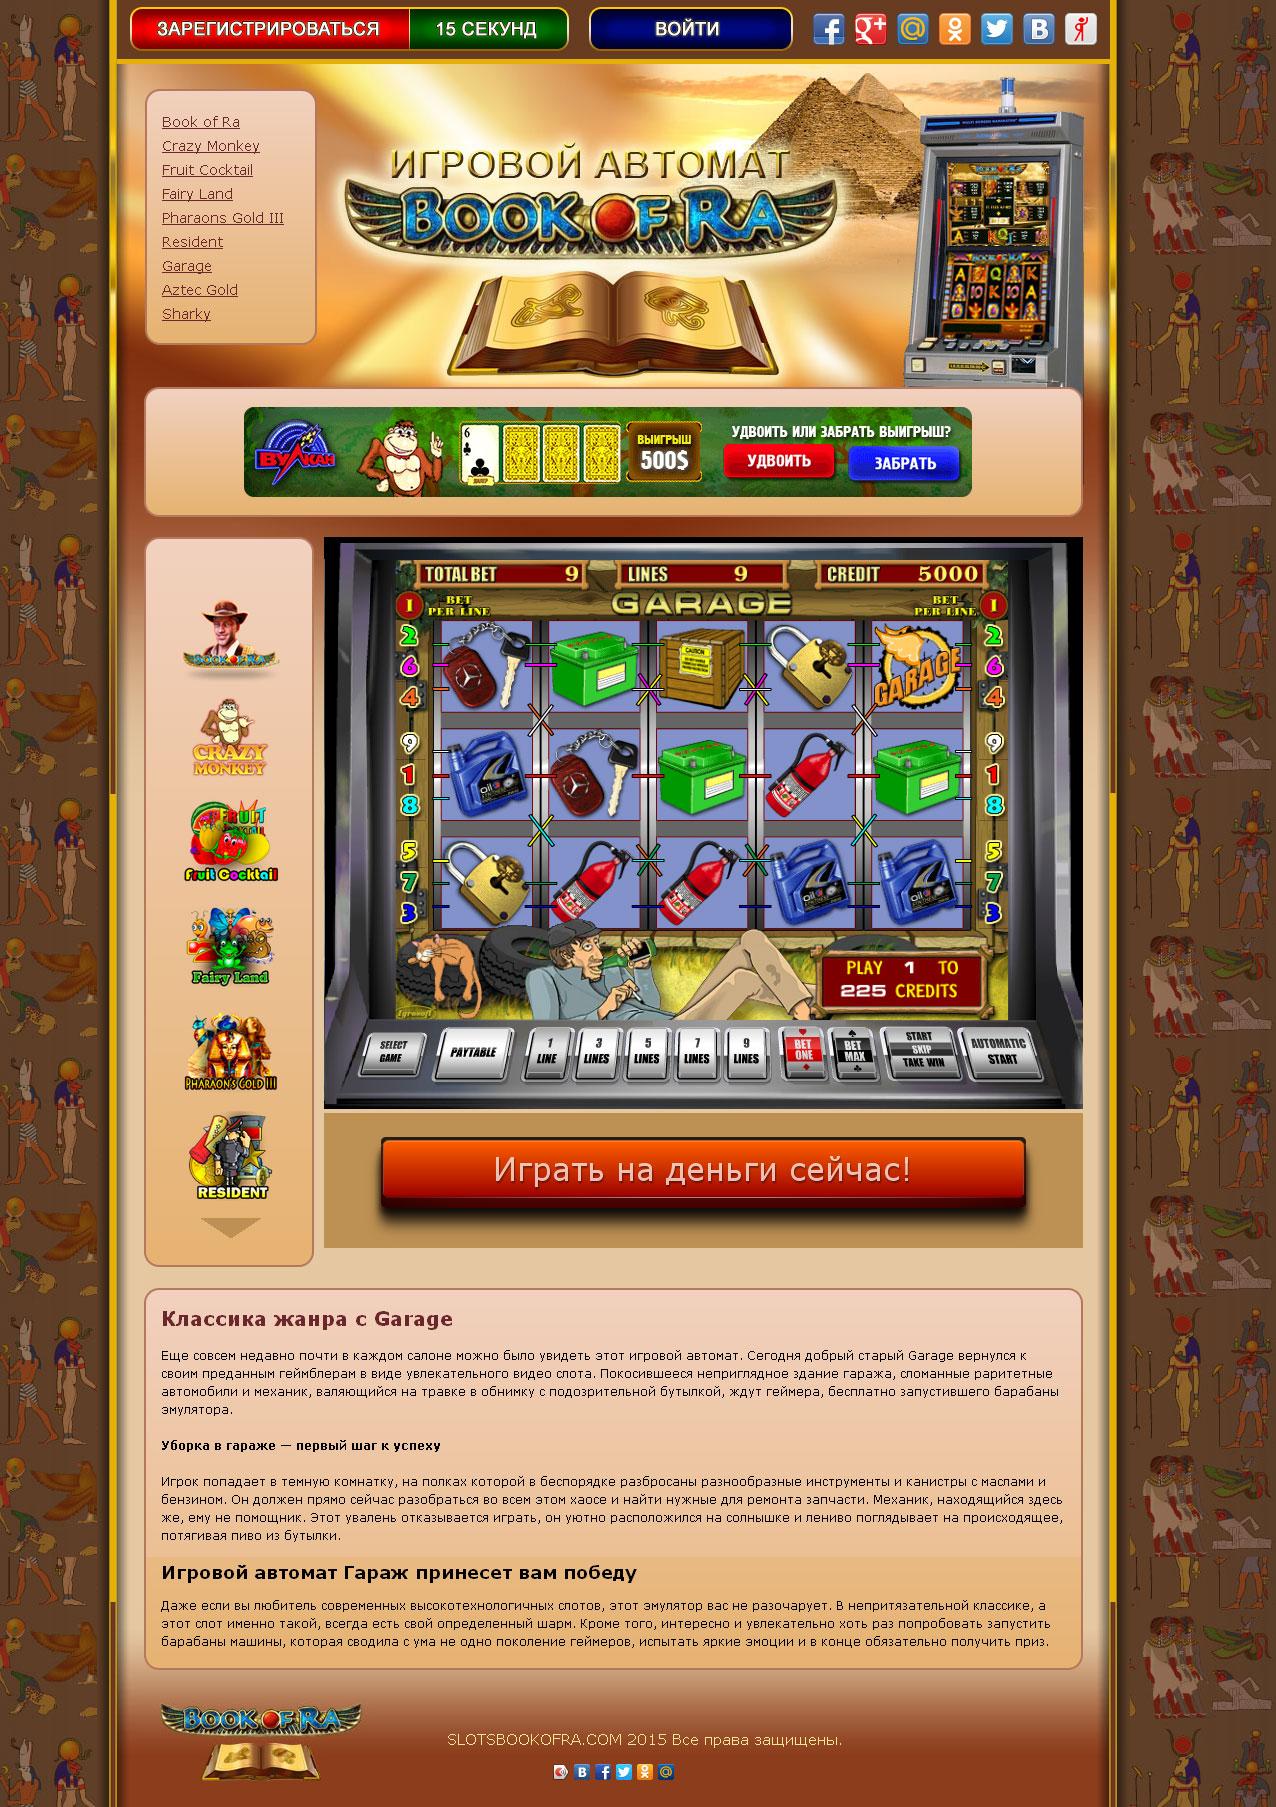 Игровой автомат Гараж принесет вам победу